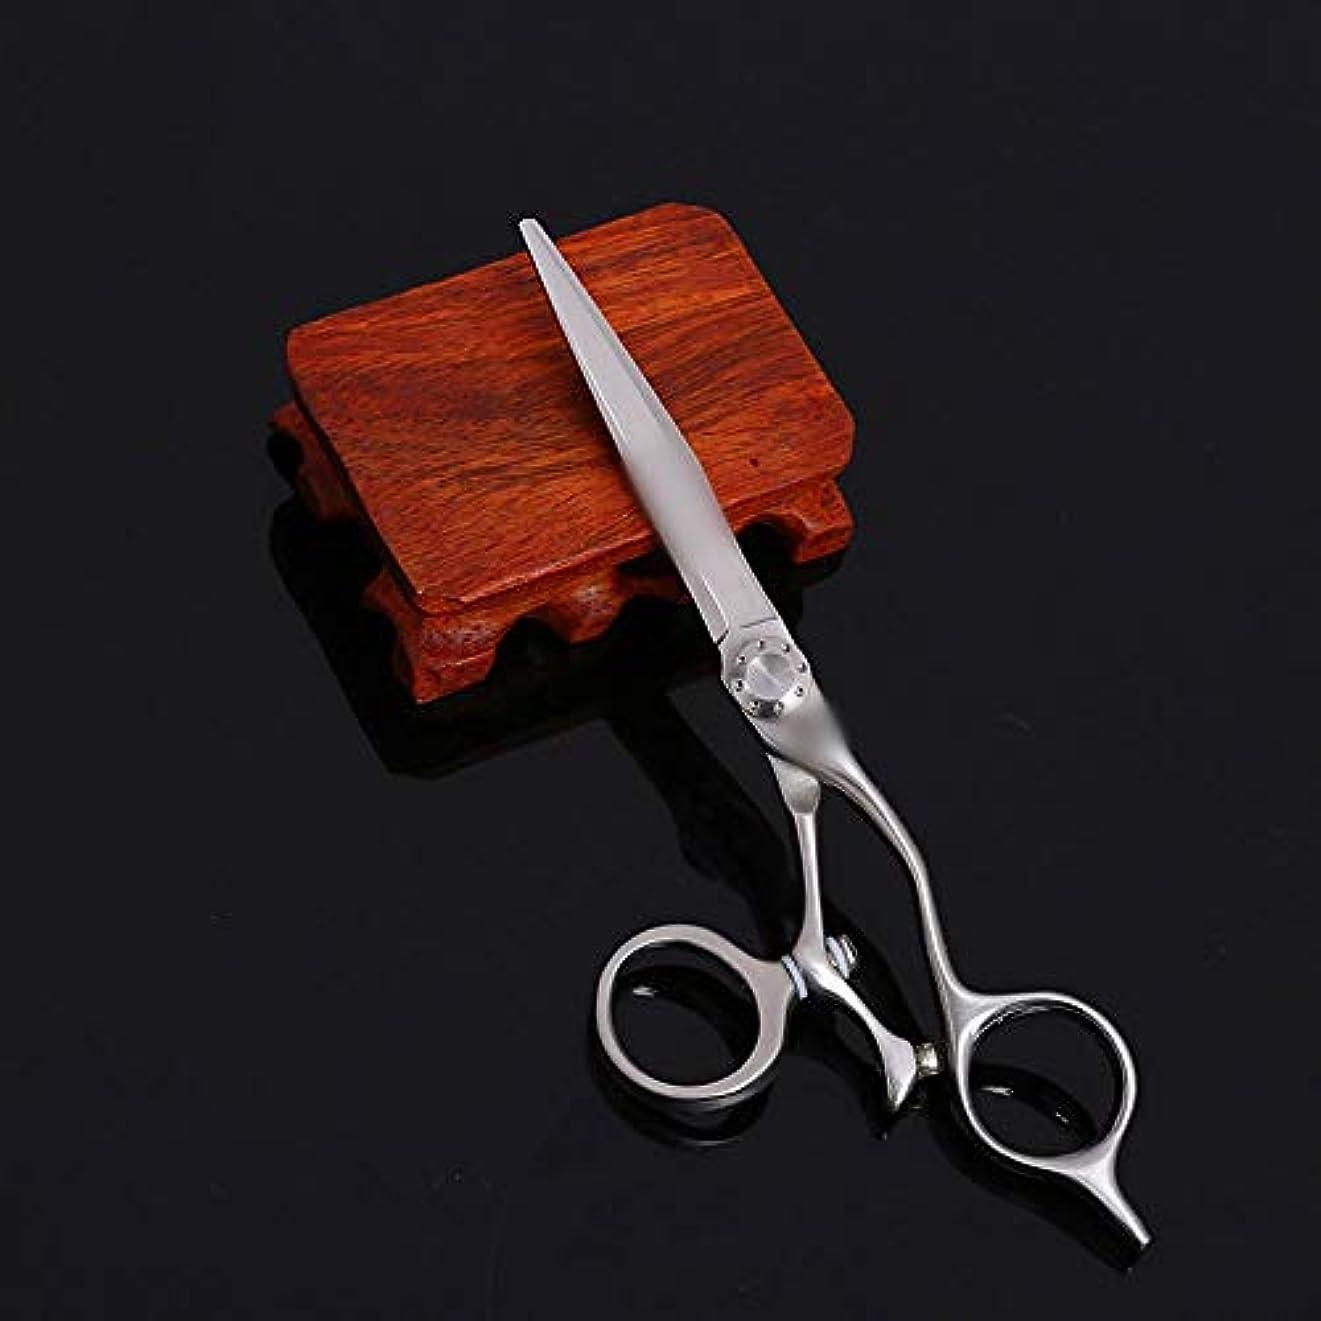 ストレス吸う三角形Hairdressing 6インチプロフェッショナルヘアカットステンレス鋼フラットシザー理髪はさみ髪切断鋏ステンレス理髪はさみ (色 : Silver)